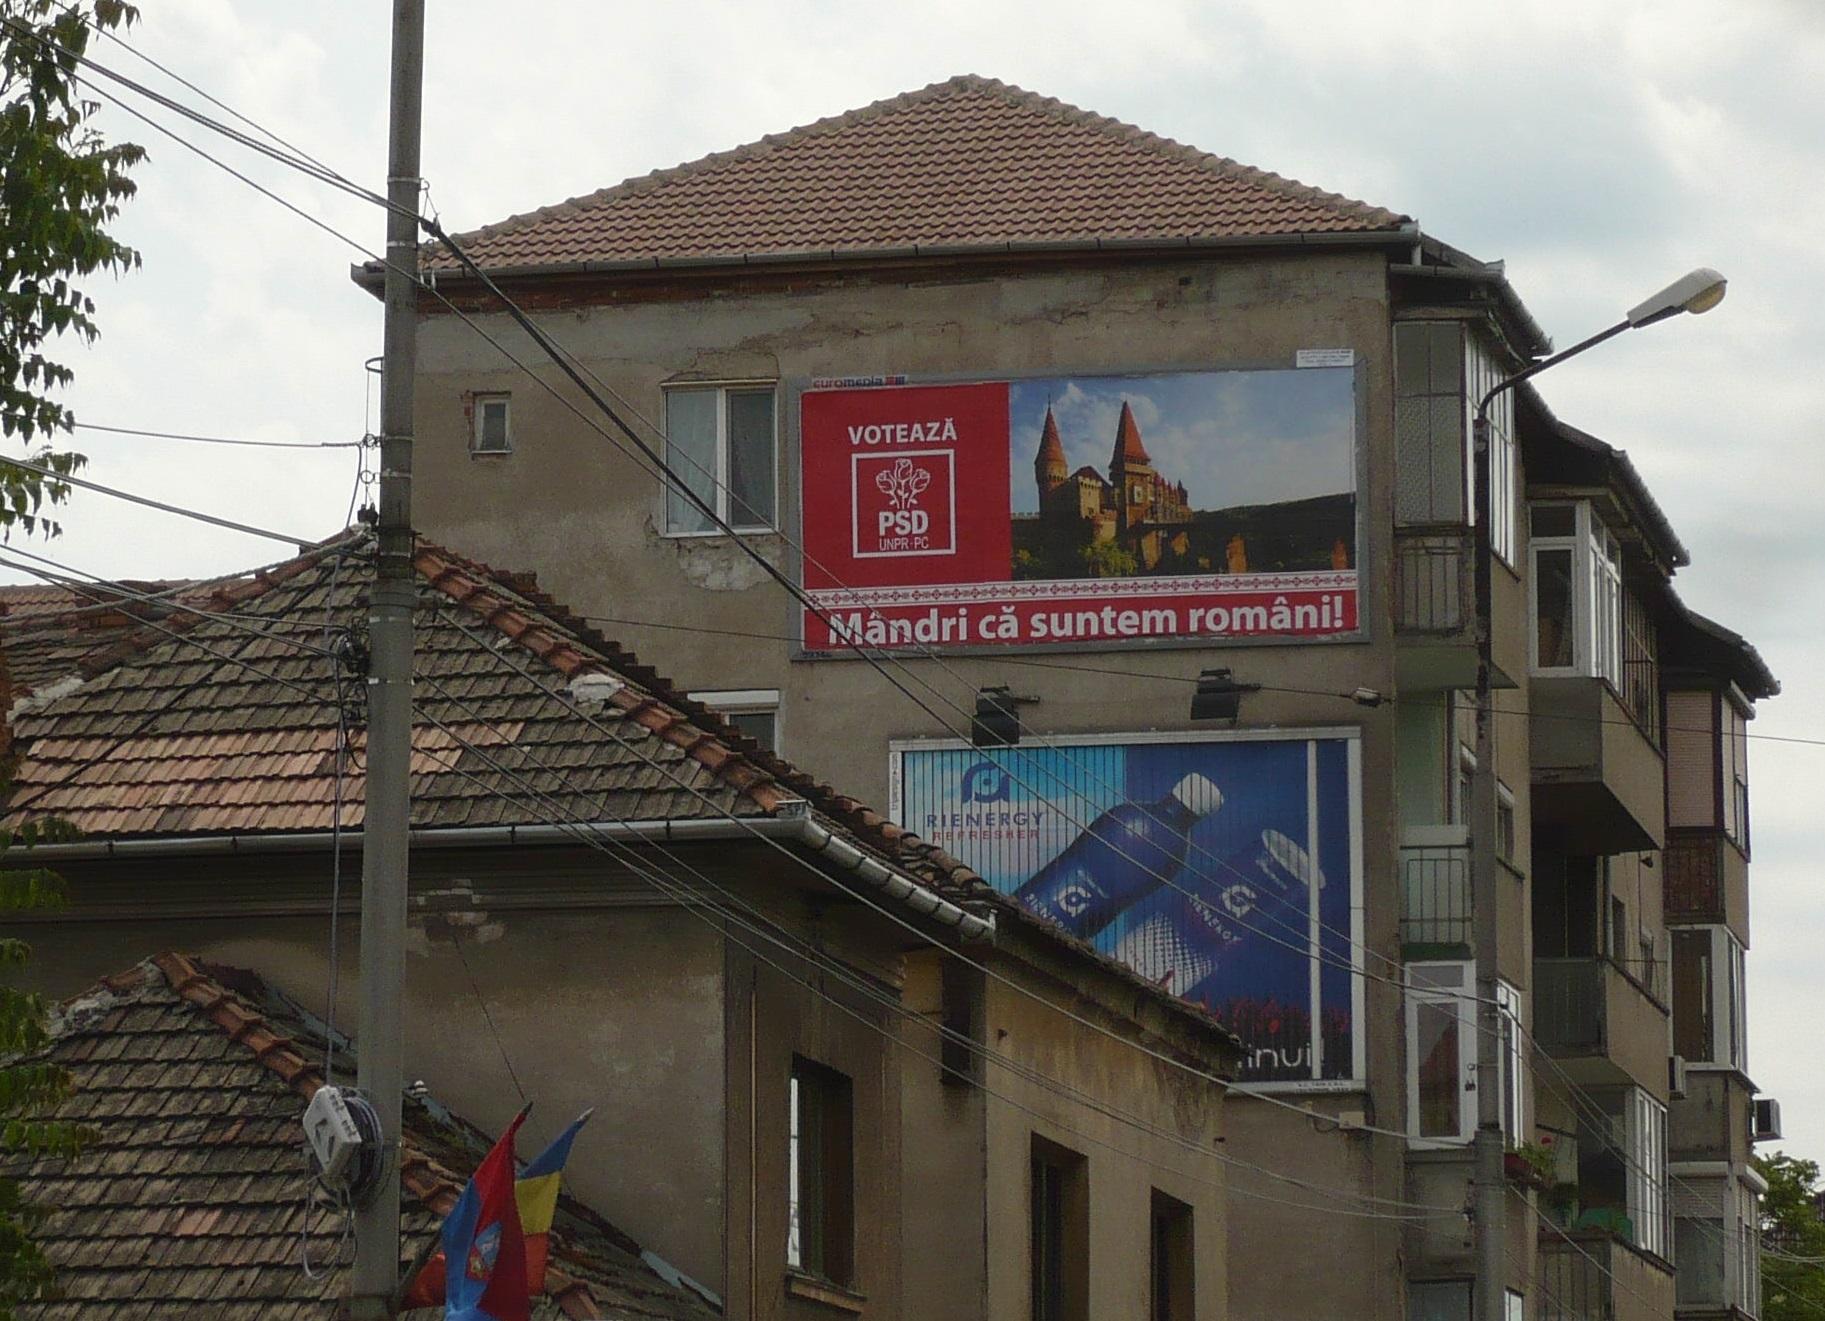 """""""Büszkék vagyunk rá, hogy románok vagyunk"""". Az lehet - de az meg biztos, hogy az ehhez illusztrációnak választott vajdahunyadi várat még véletlenül sem a románságukra büszke románok építették. Hanem."""